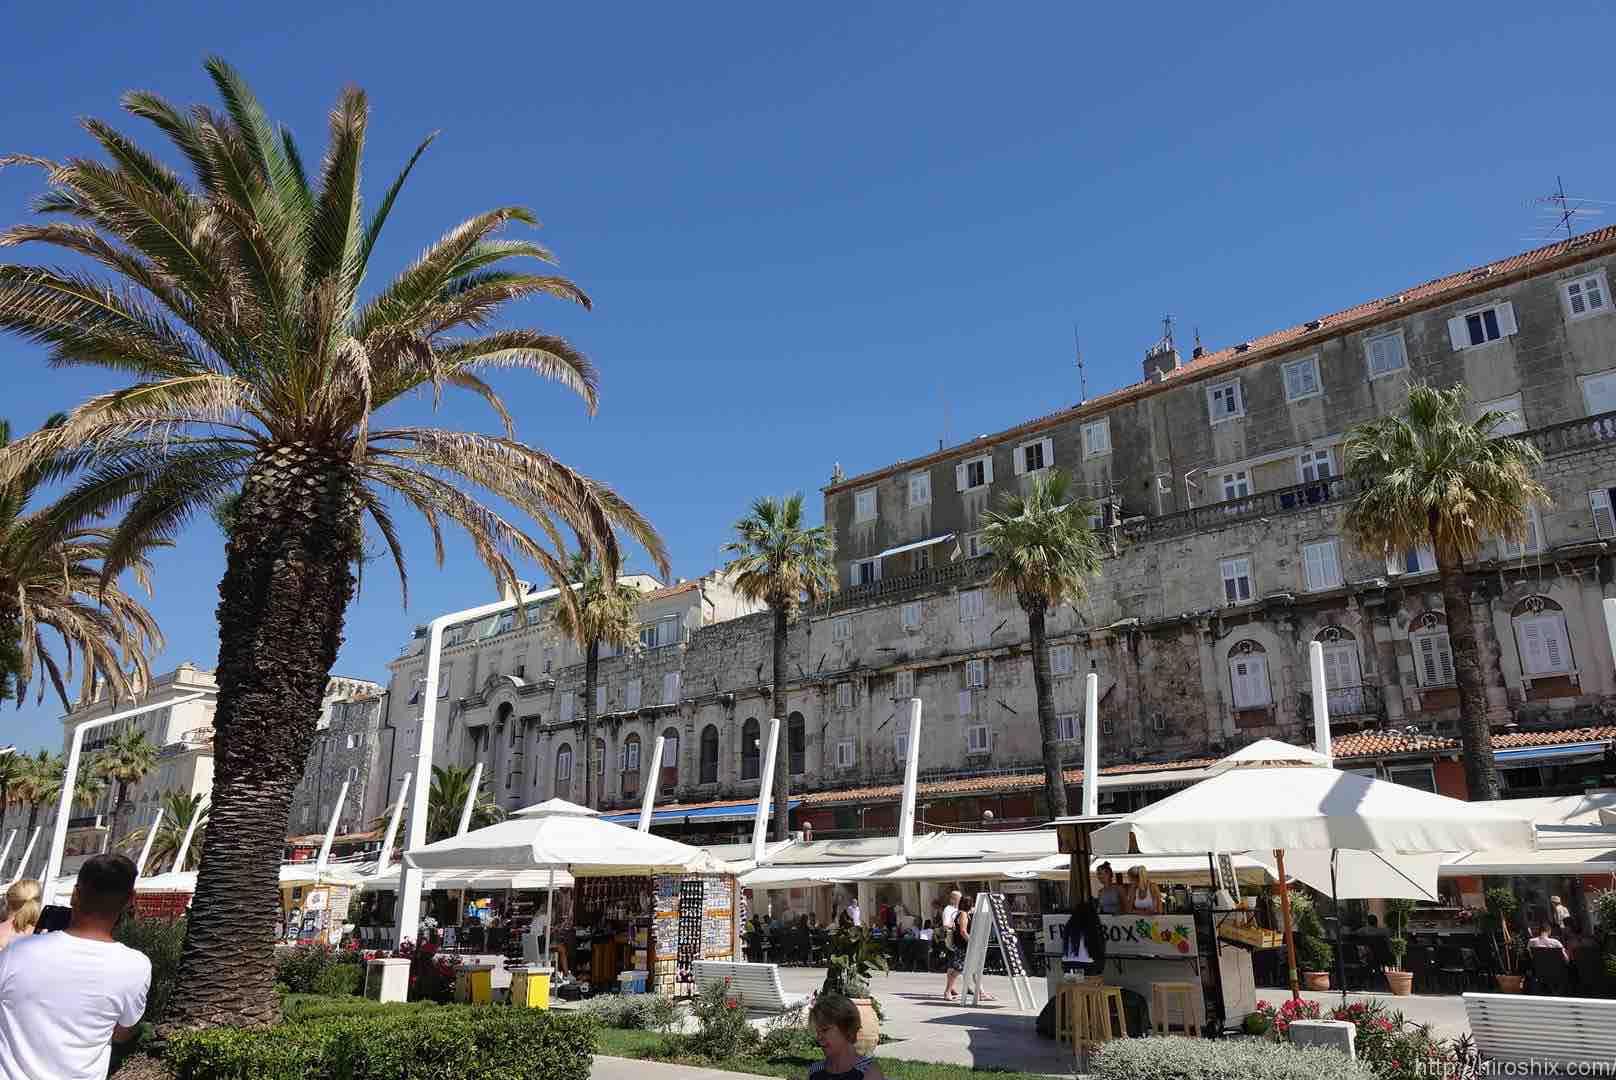 クロアチア、世界遺産の街スプリットへ海外旅行(東ヨーロッパ)